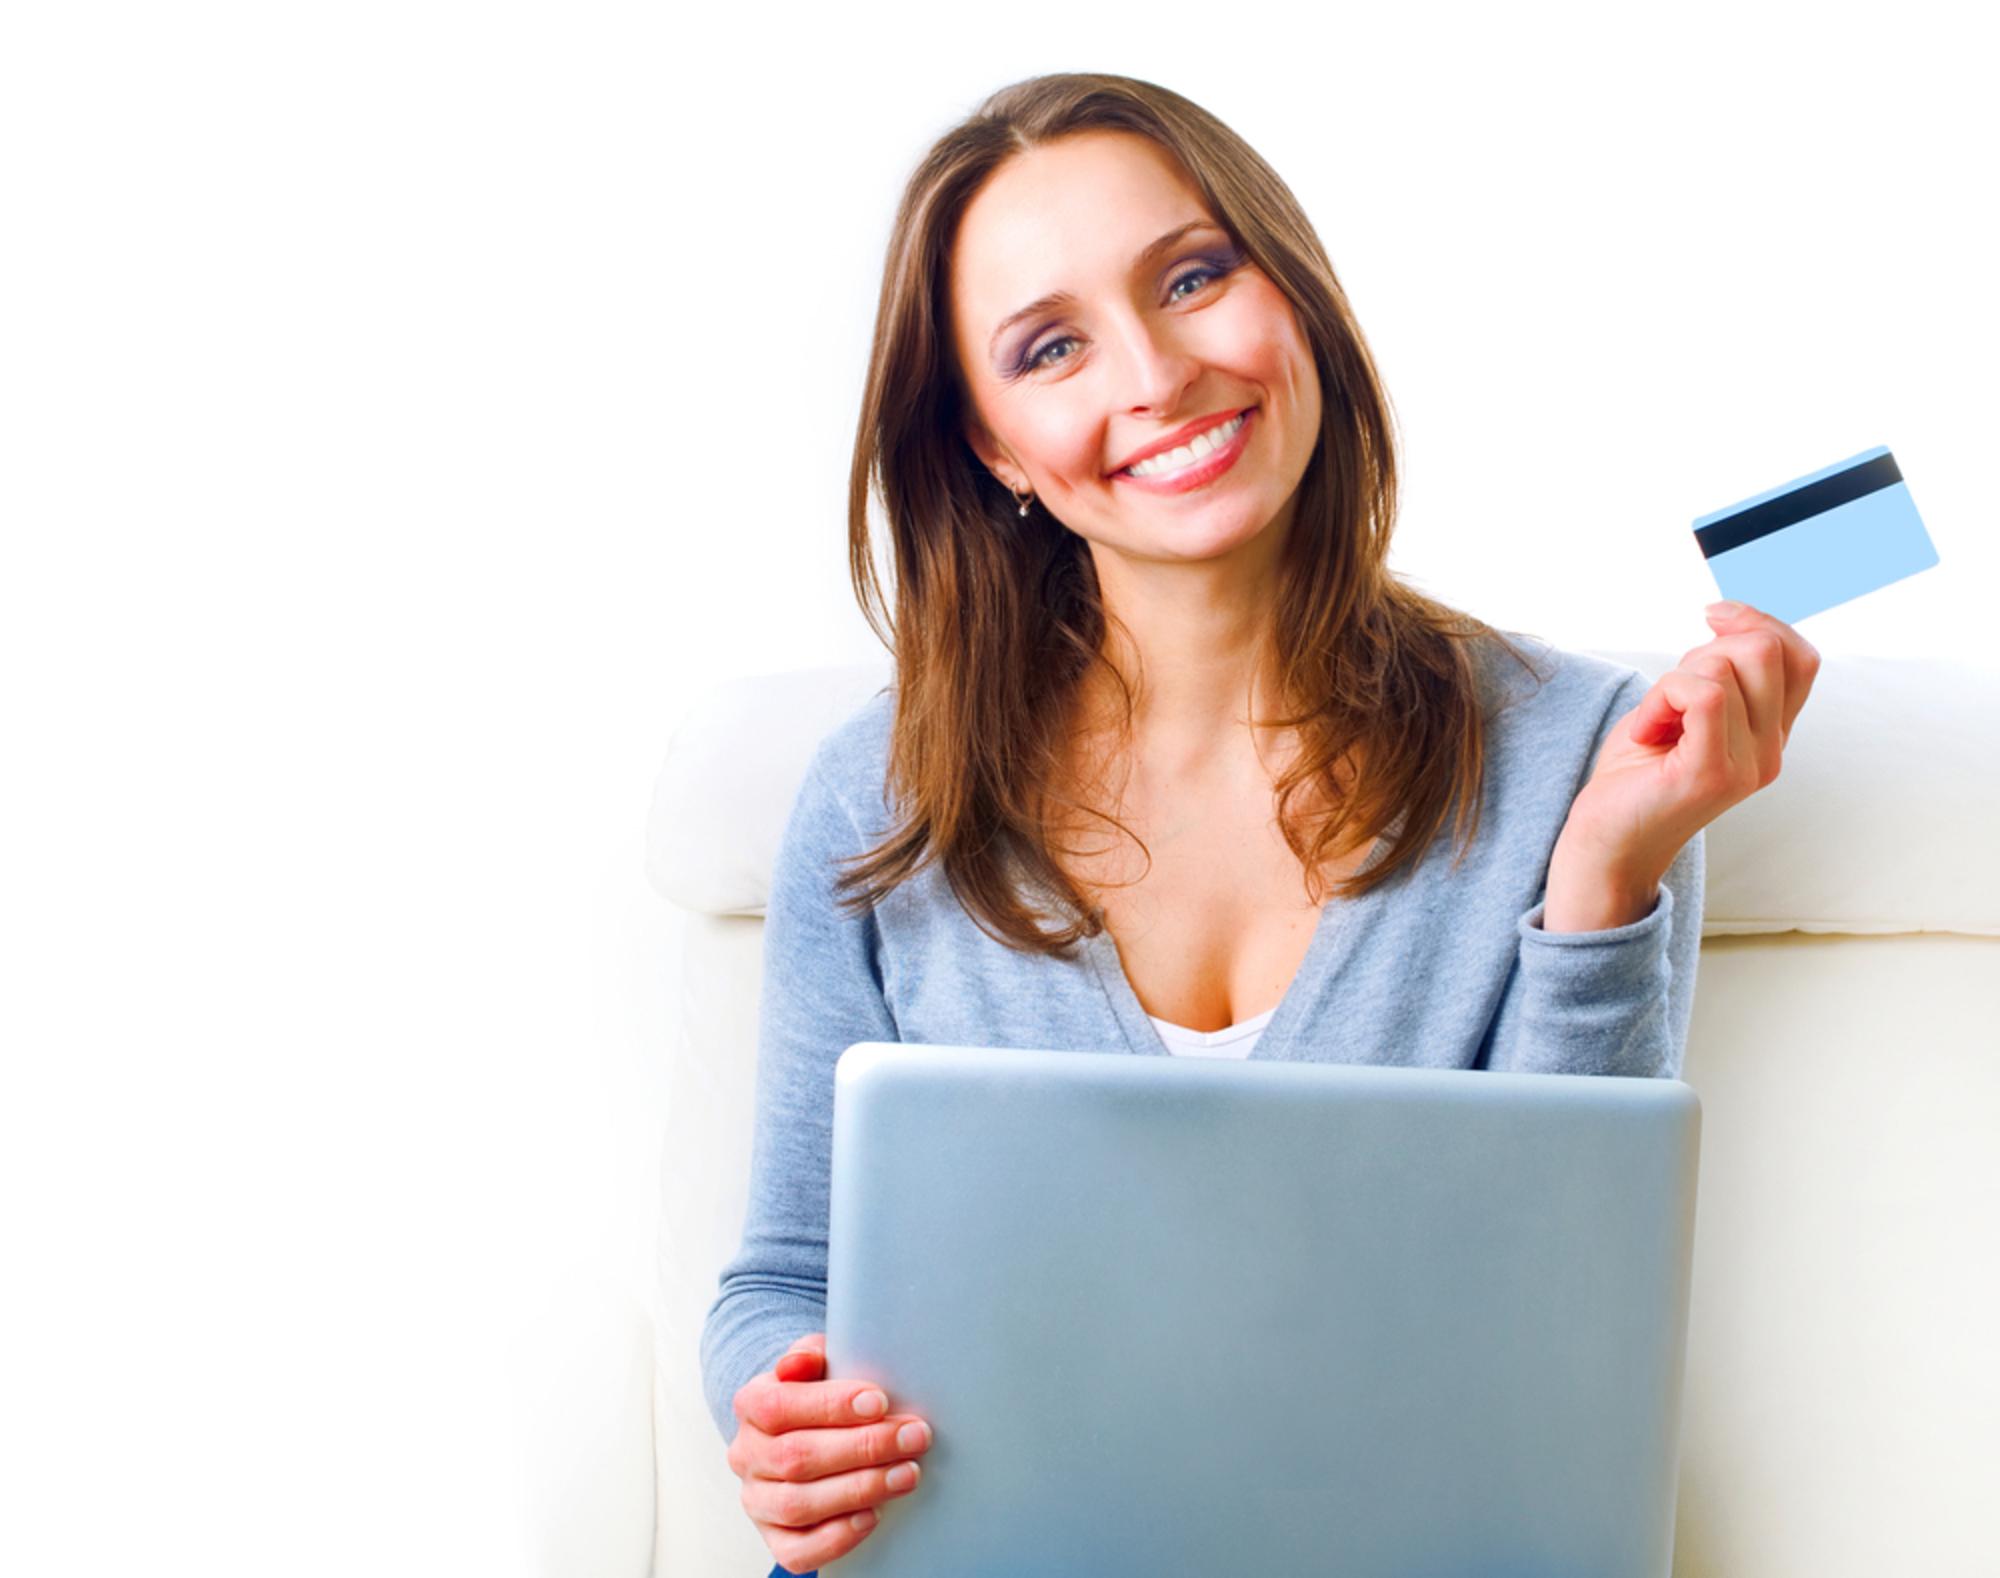 как в бадоо получить бесплатно кредиты